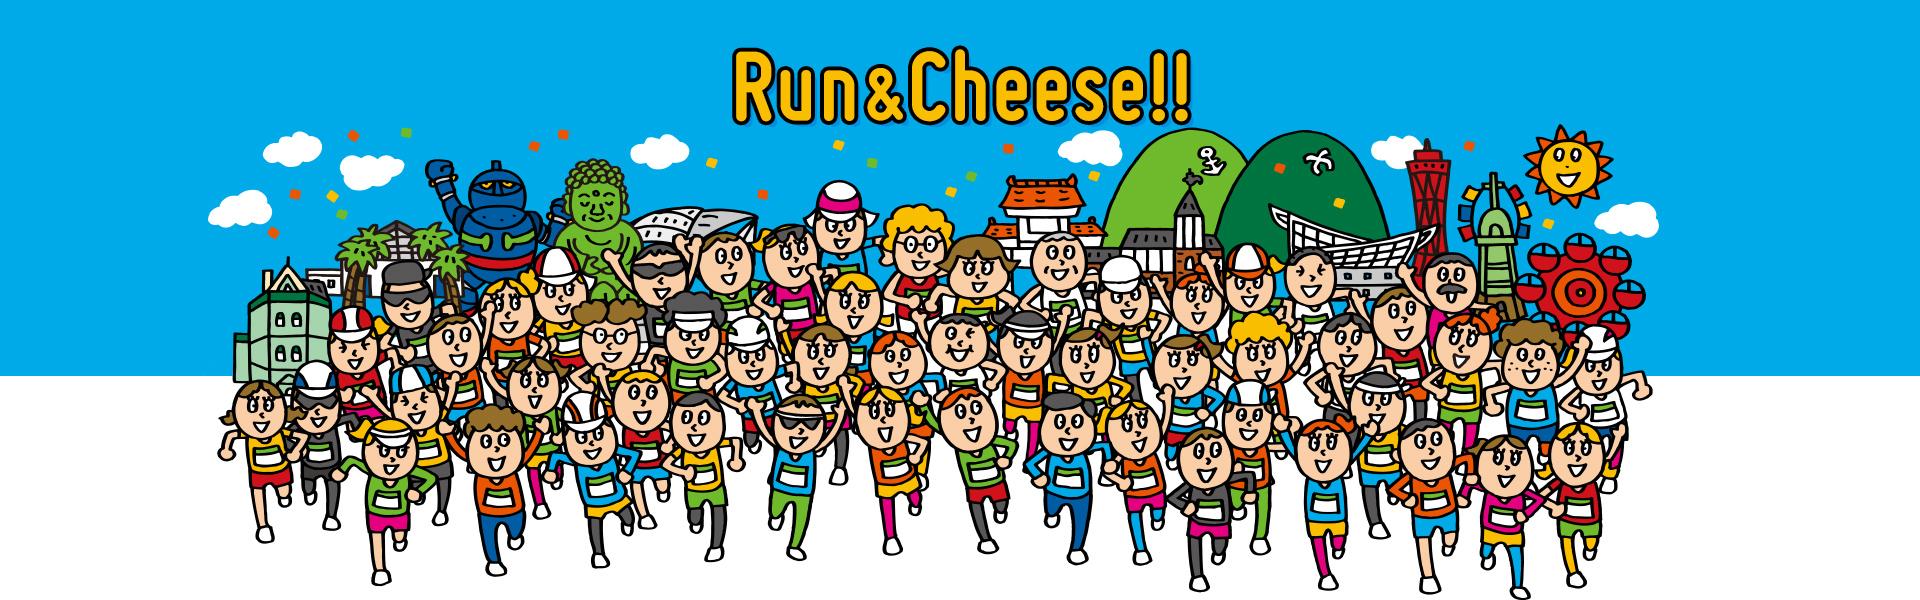 qbbの神戸マラソンブログ「ラン&チーズ」が開設されました。